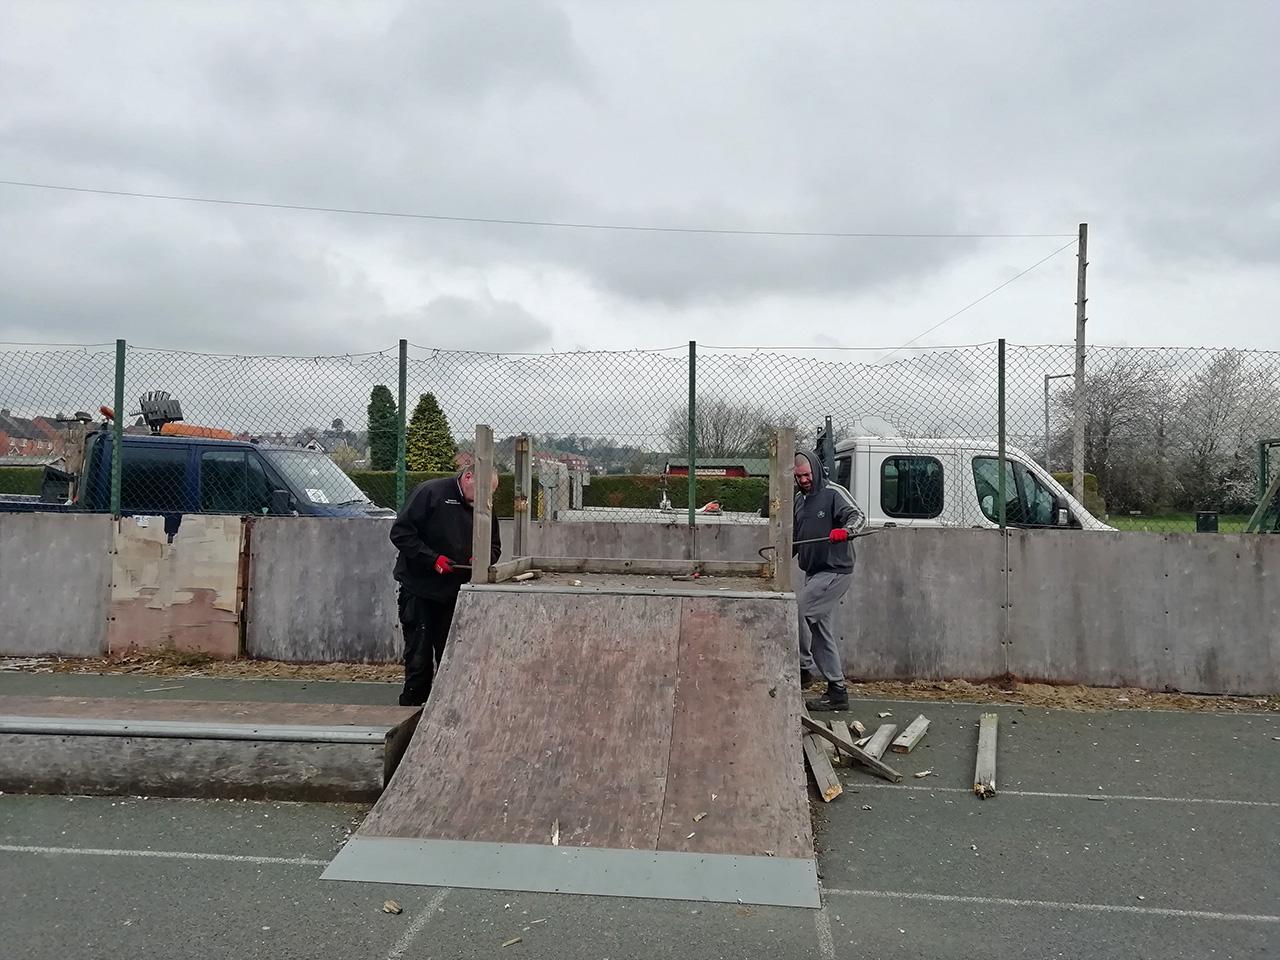 Mayfield skatepark renewal